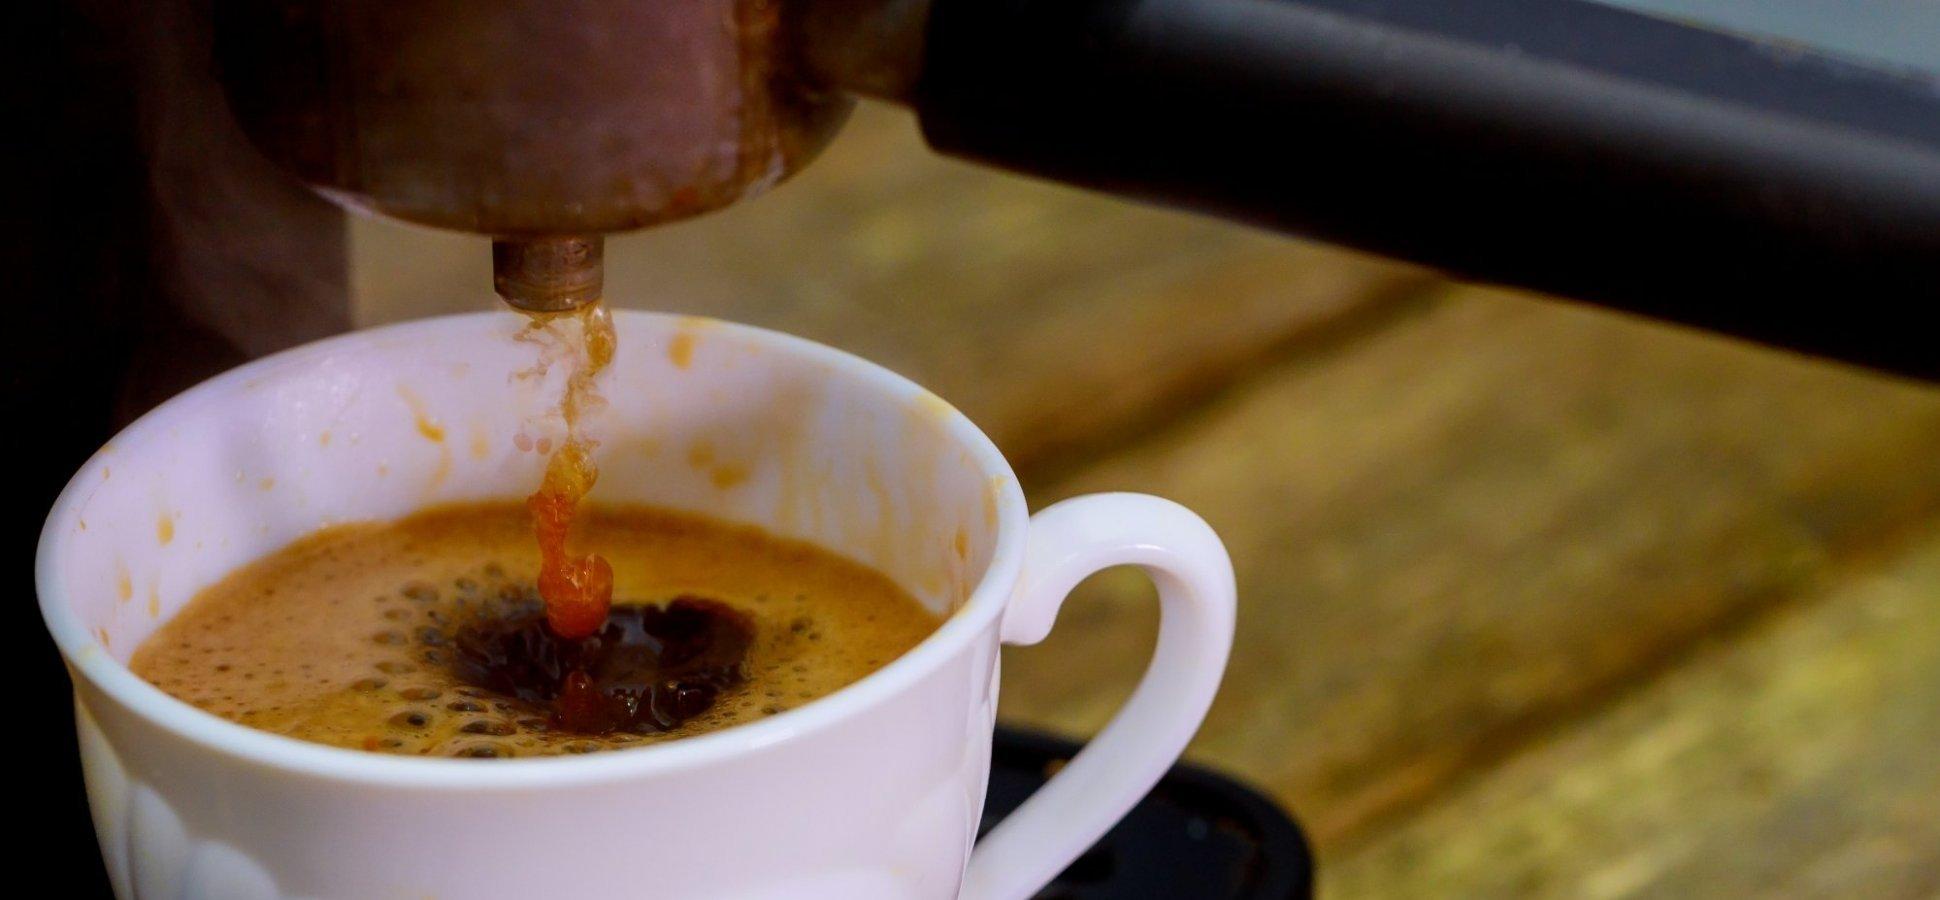 getty 991494512 2000133320009280365 362445.jpg?resize=1200,630 - Plus vous buvez de café, plus vous vivrez longtemps, selon une nouvelle étude